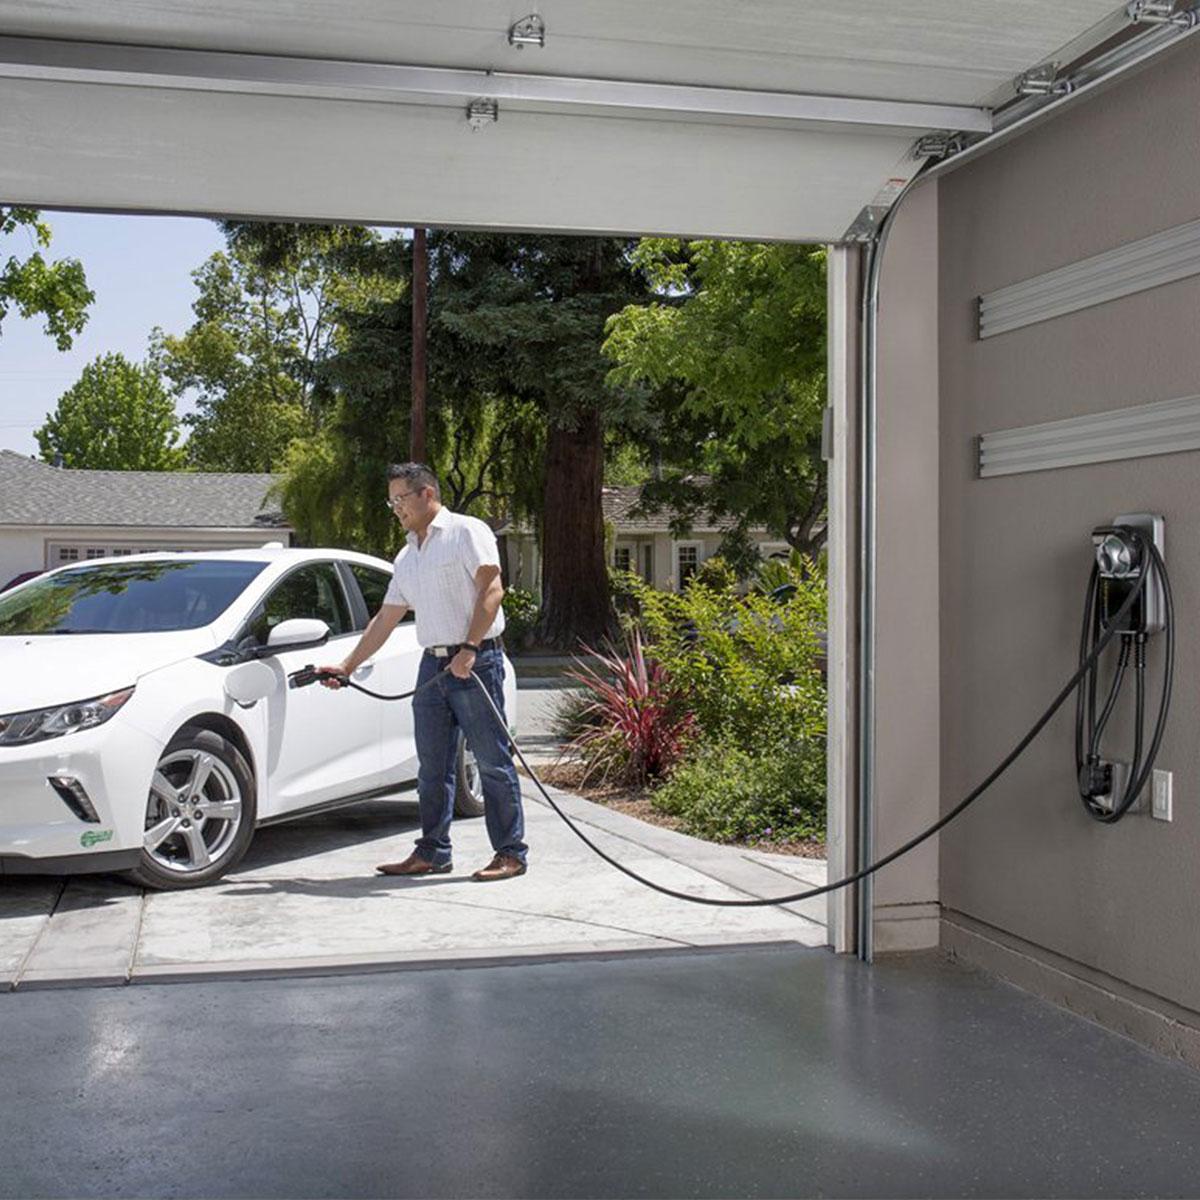 SmartM - EV Charger Installation